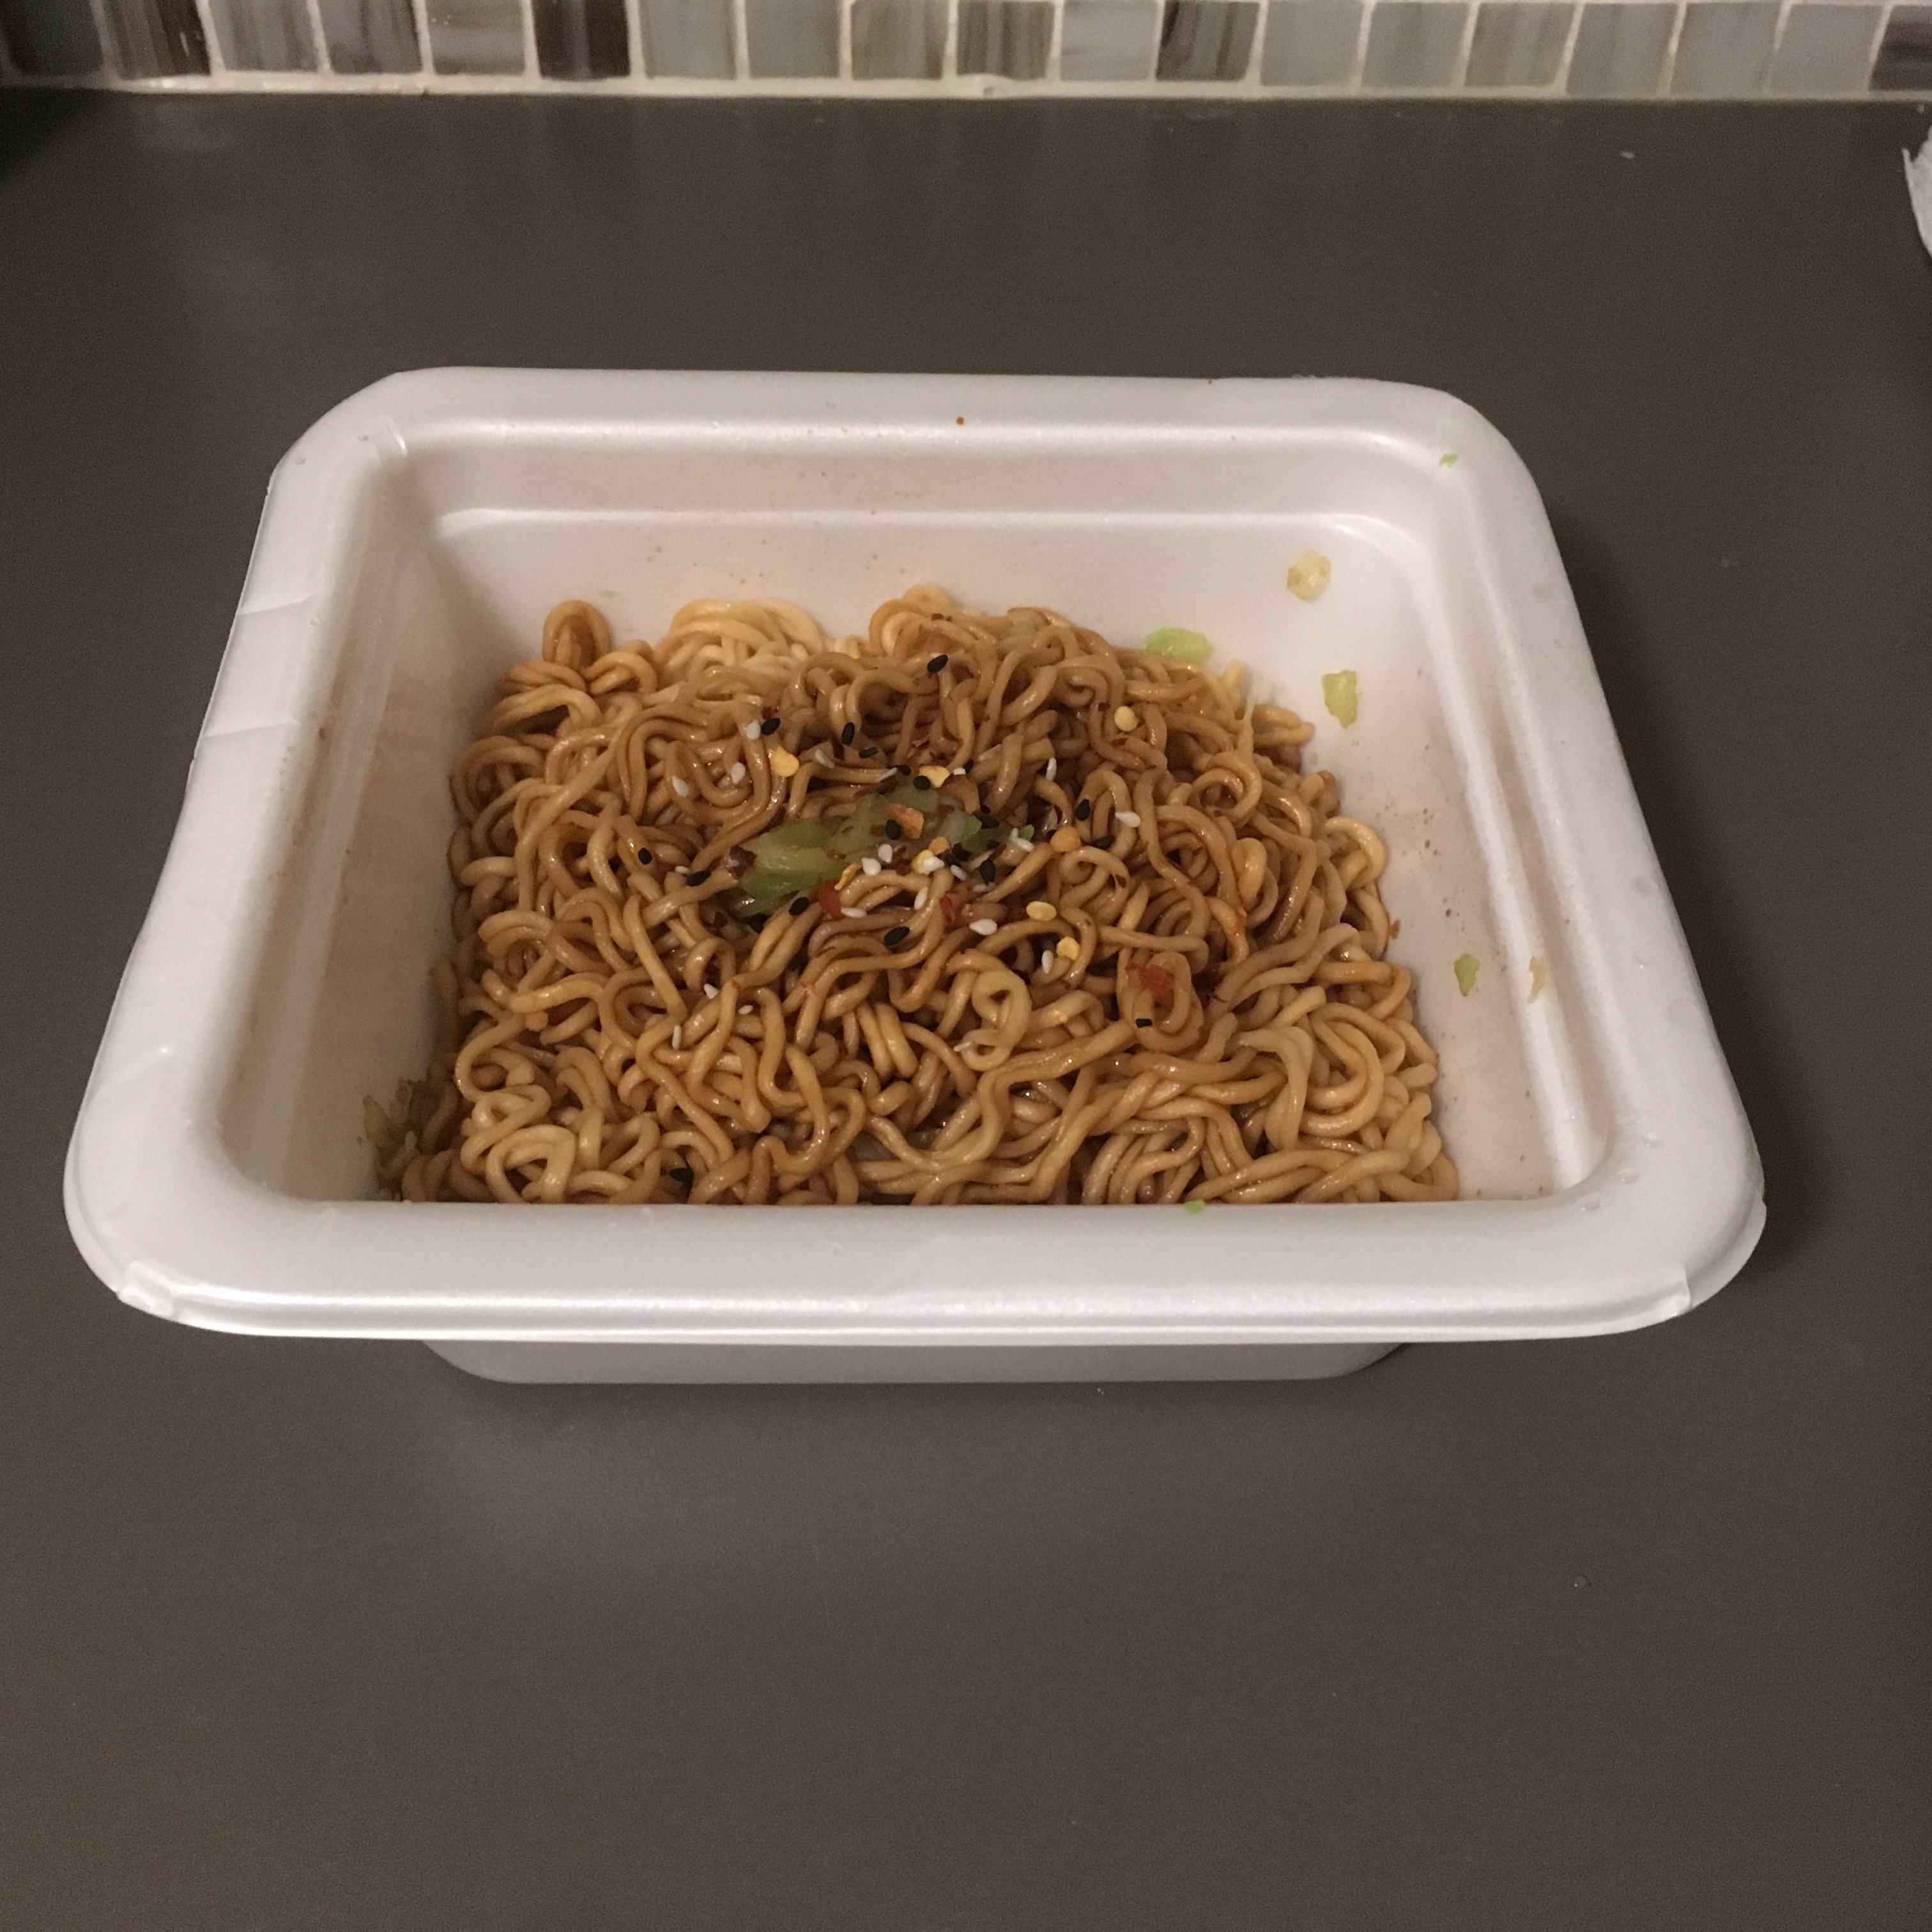 asakusa sauce yakisoba cooked